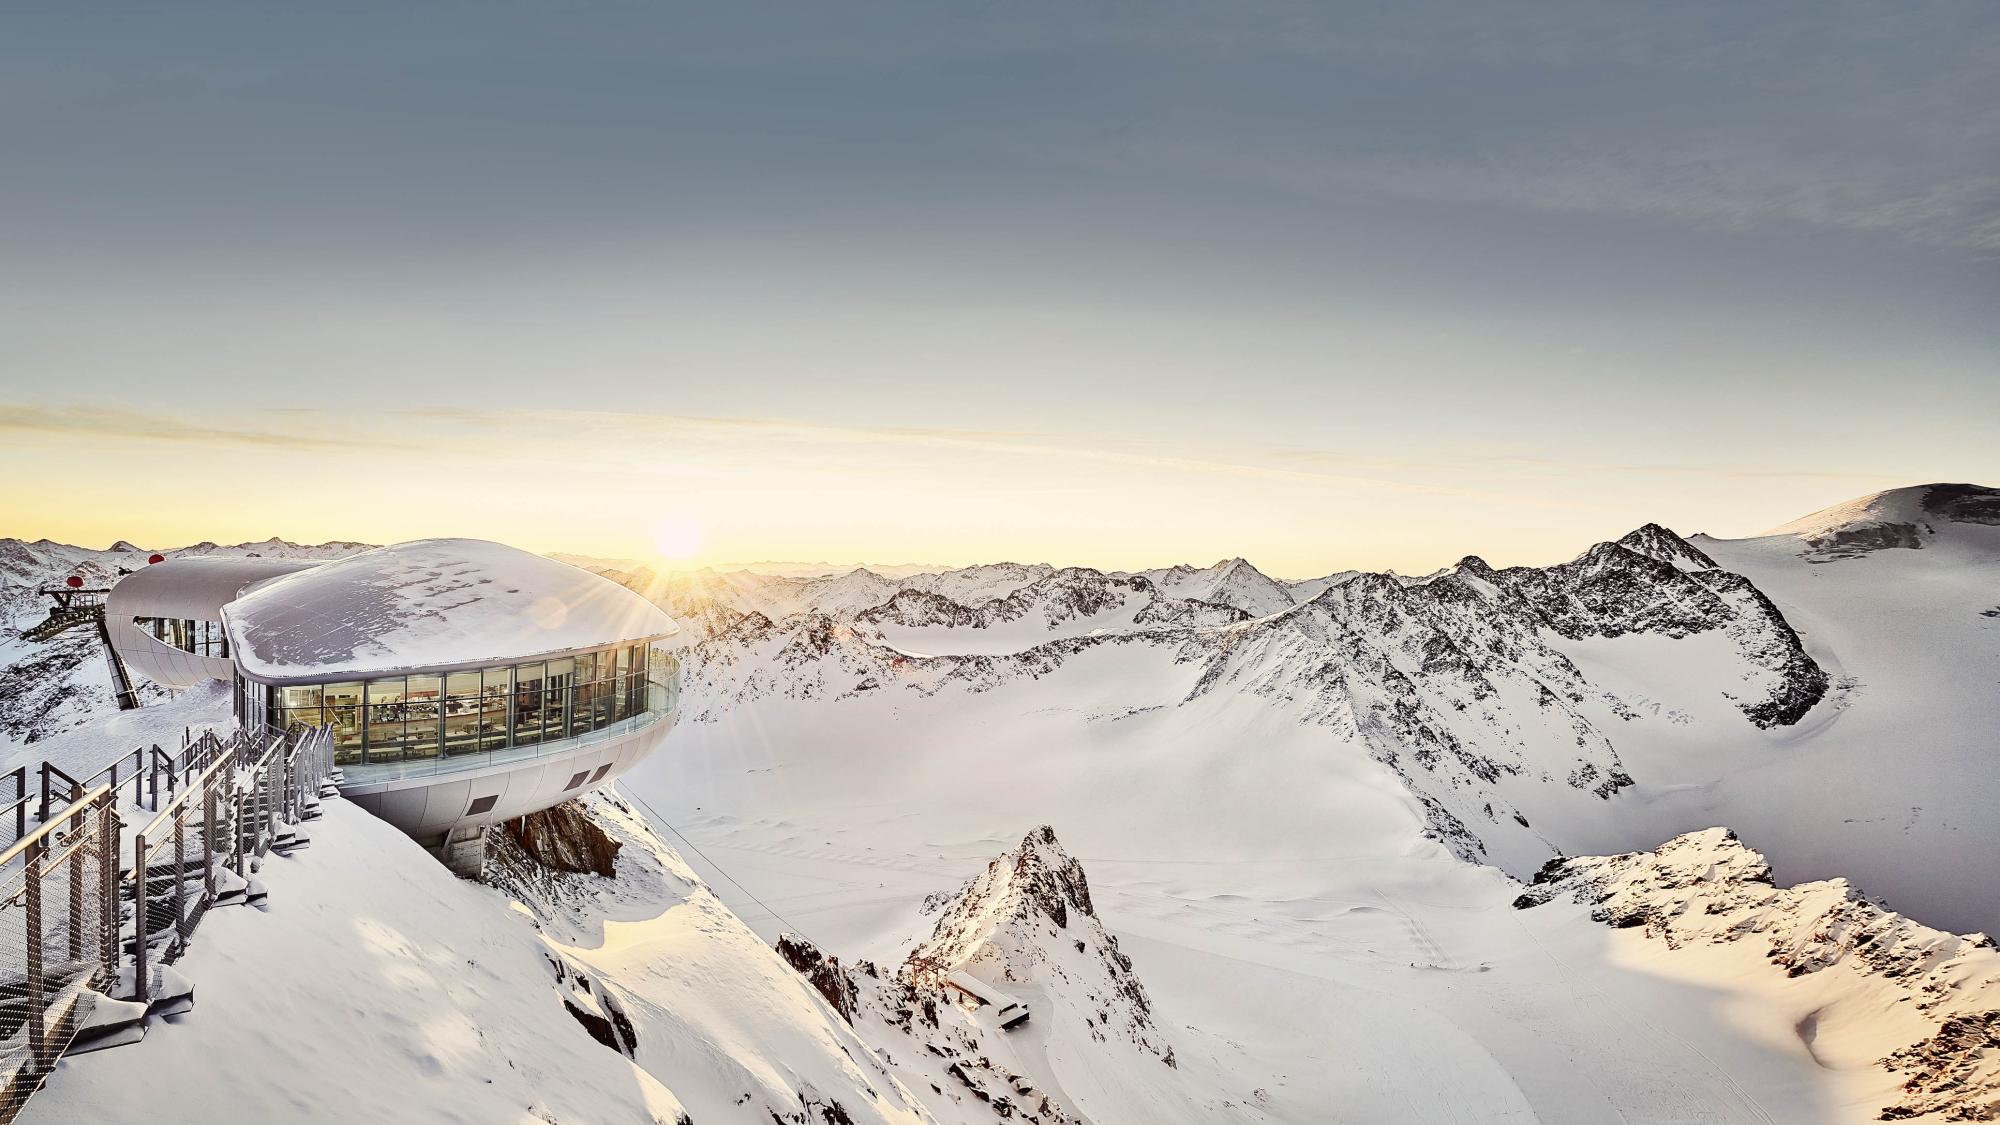 Blick auf das Café 3440 am Pitztaler Gletscher